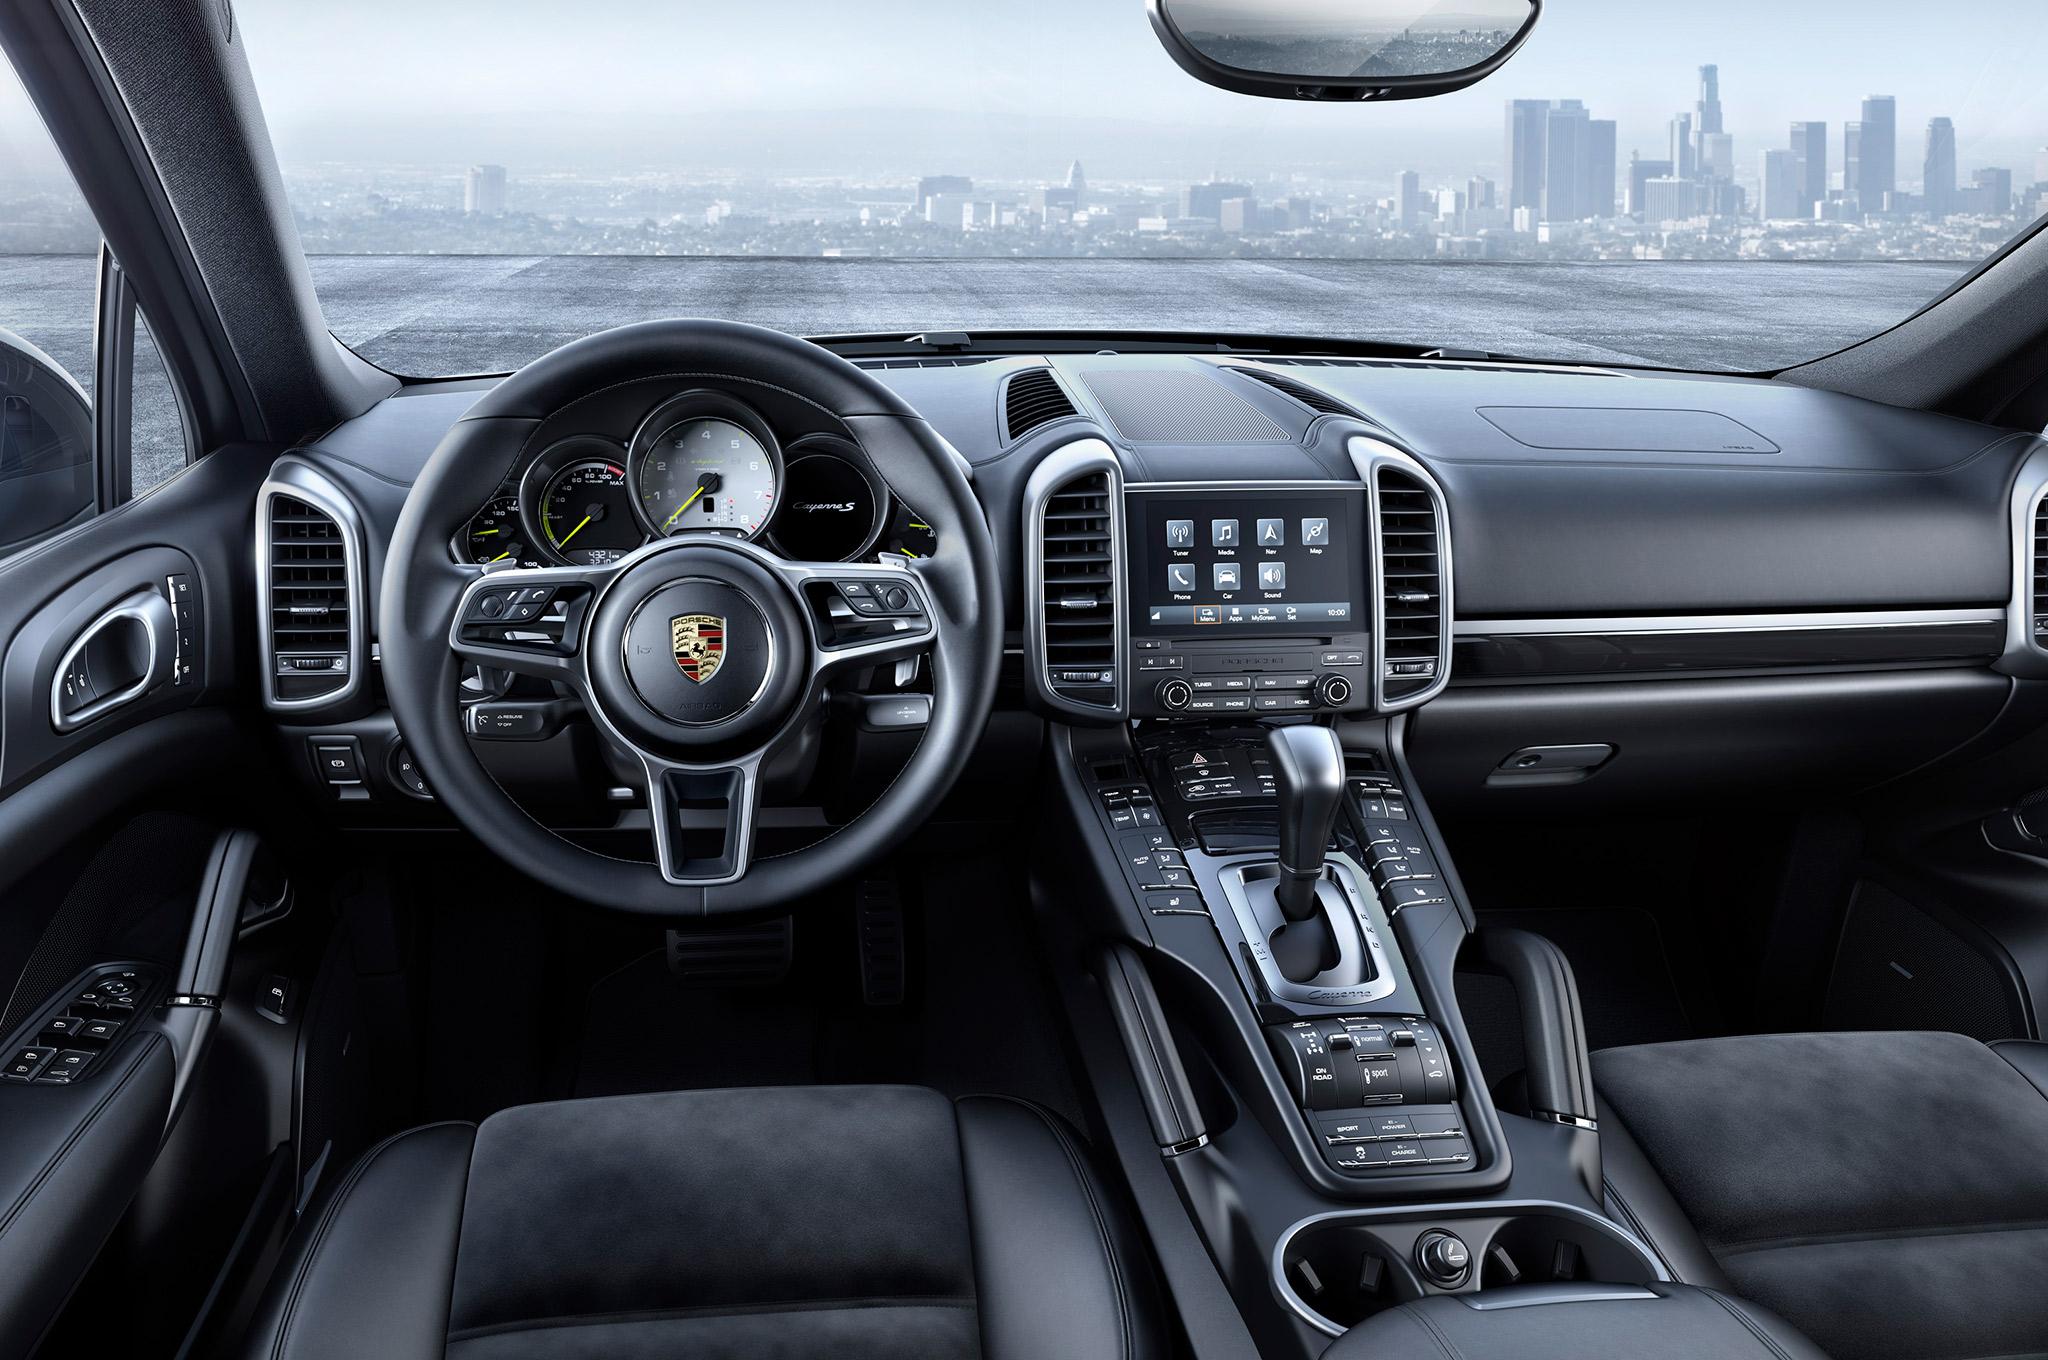 Марка Porsche выпустила спецверсию внедорожника Cayenne 3